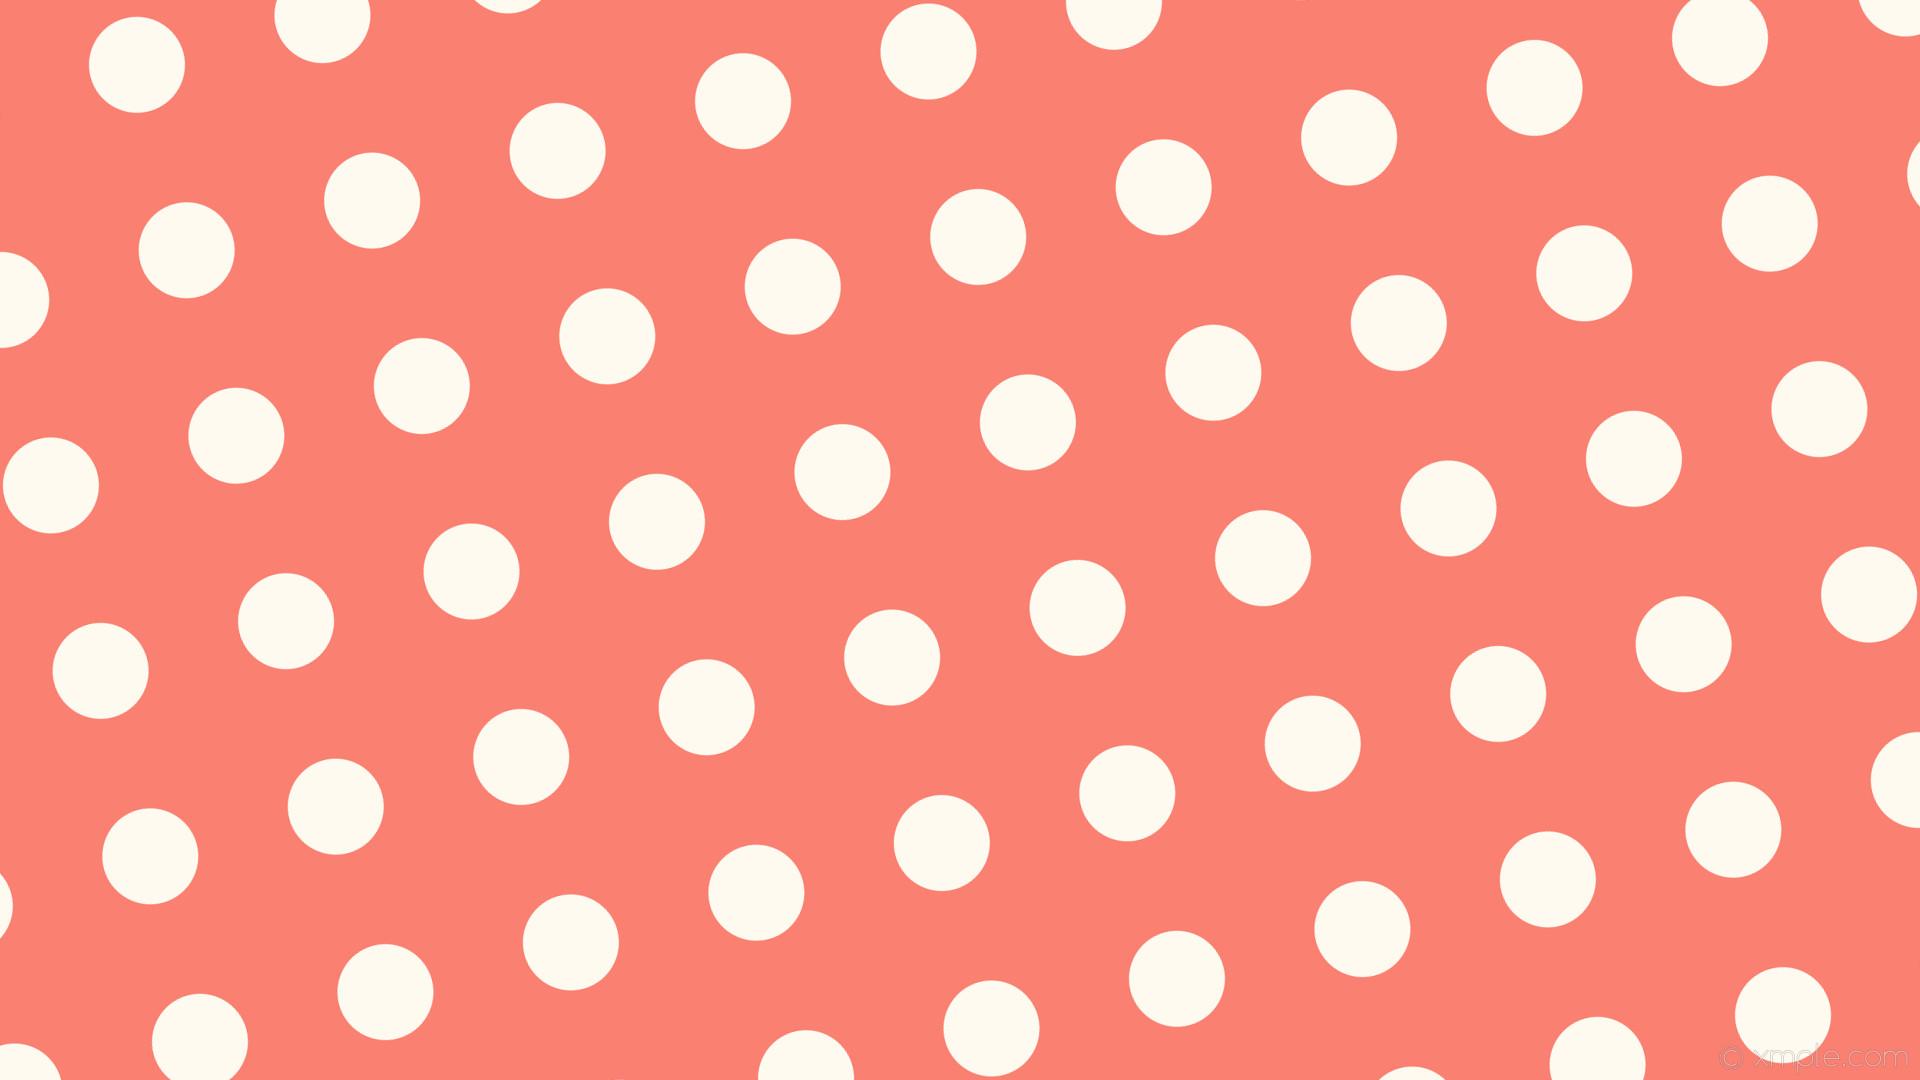 wallpaper spots white dots red polka salmon floral white #fa8072 #fffaf0  285° 96px